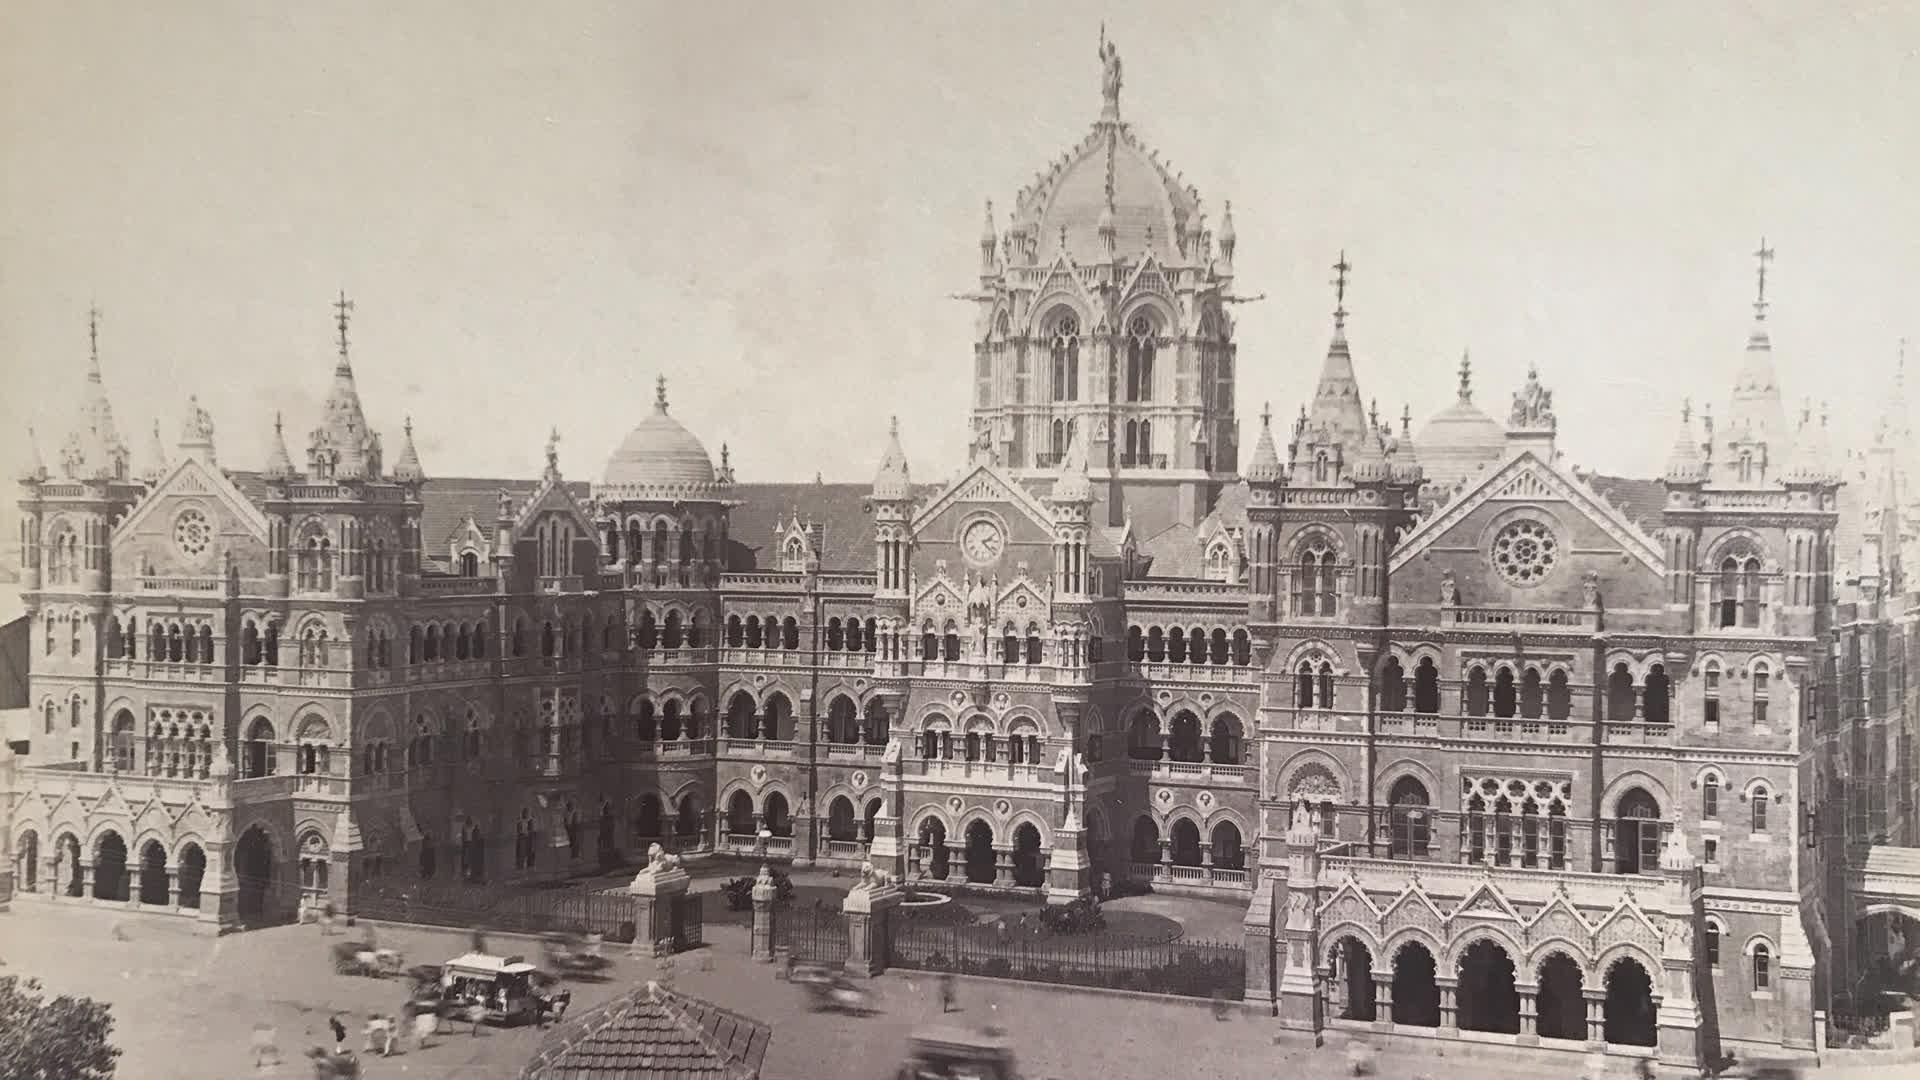 Bygone Bombay